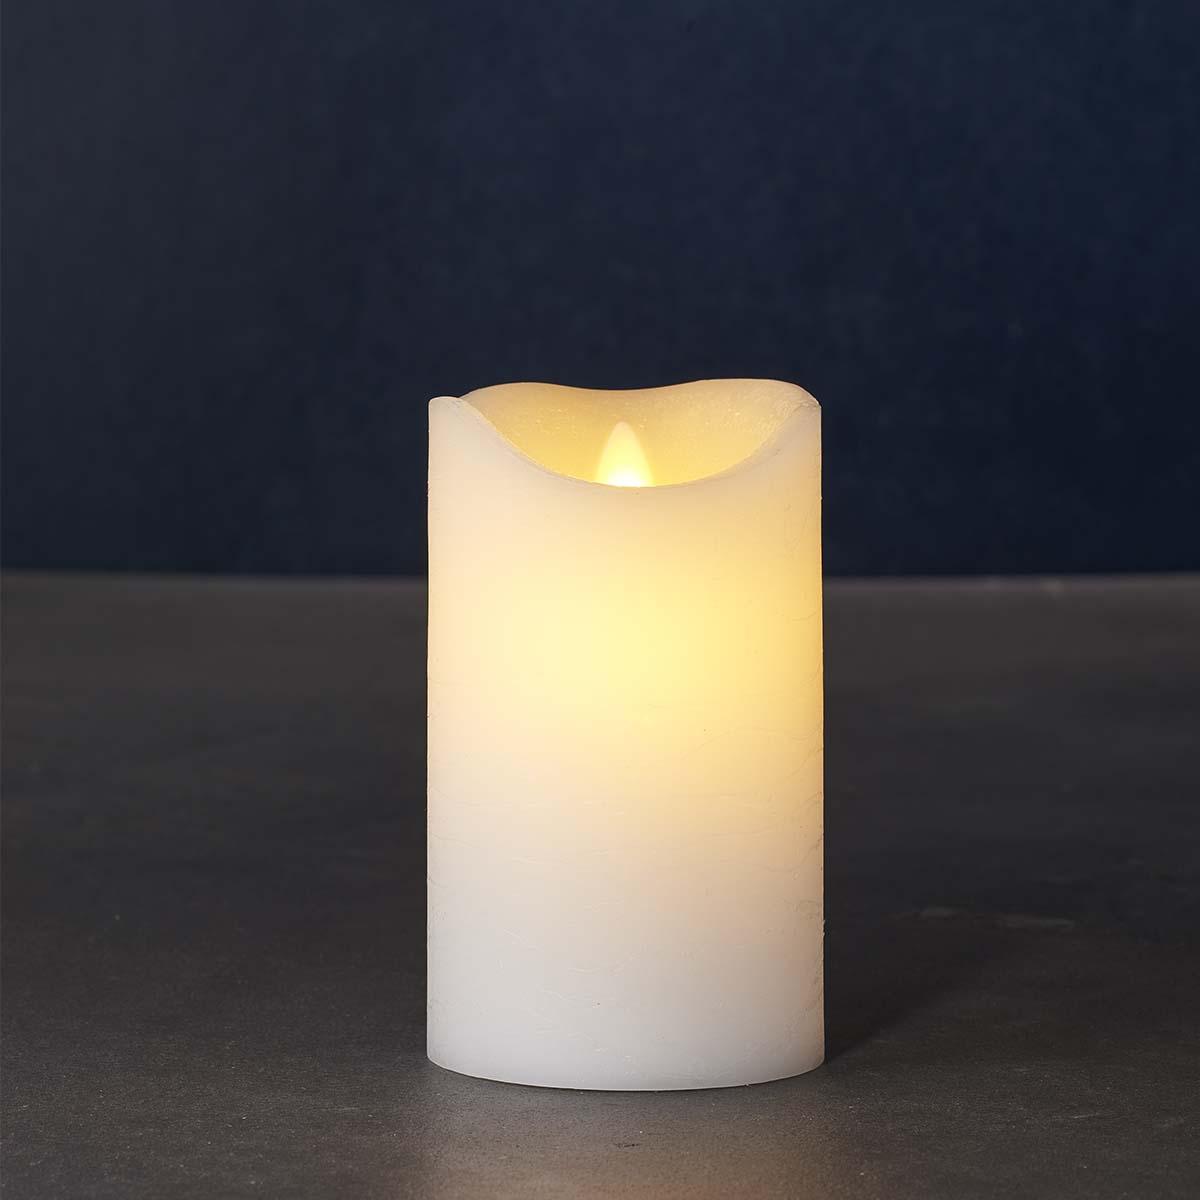 Bougie LED blanche vraie cire flamme vacillante H 12,5 * D 7,5 cm